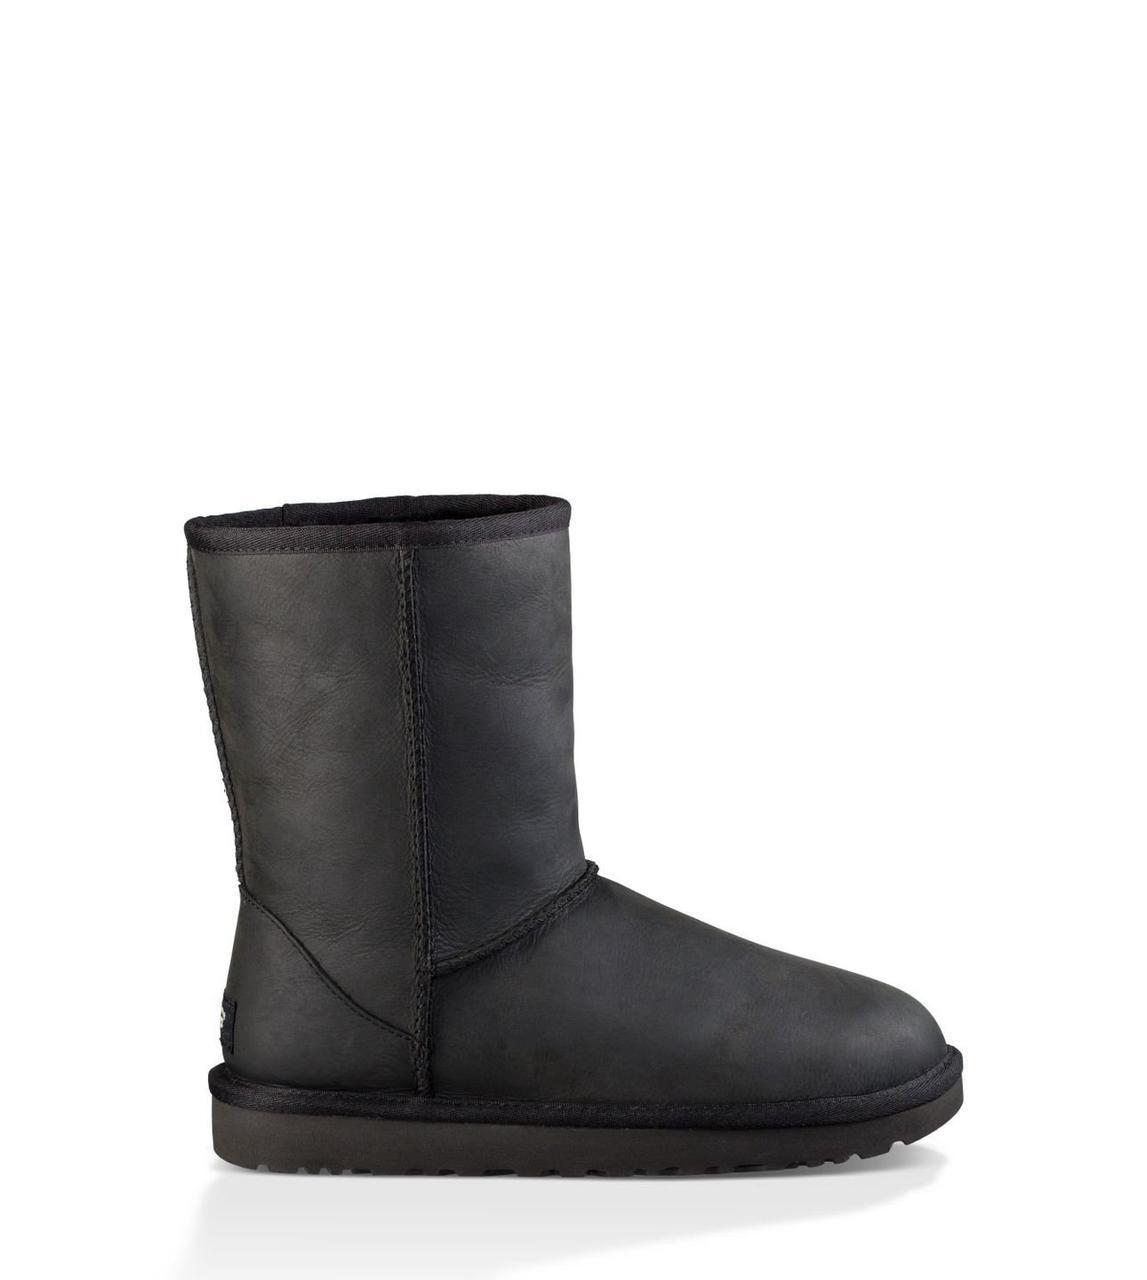 Оригинальные угги кожаные мужские UGG Classic Short Metallic Black-черные, Австралия